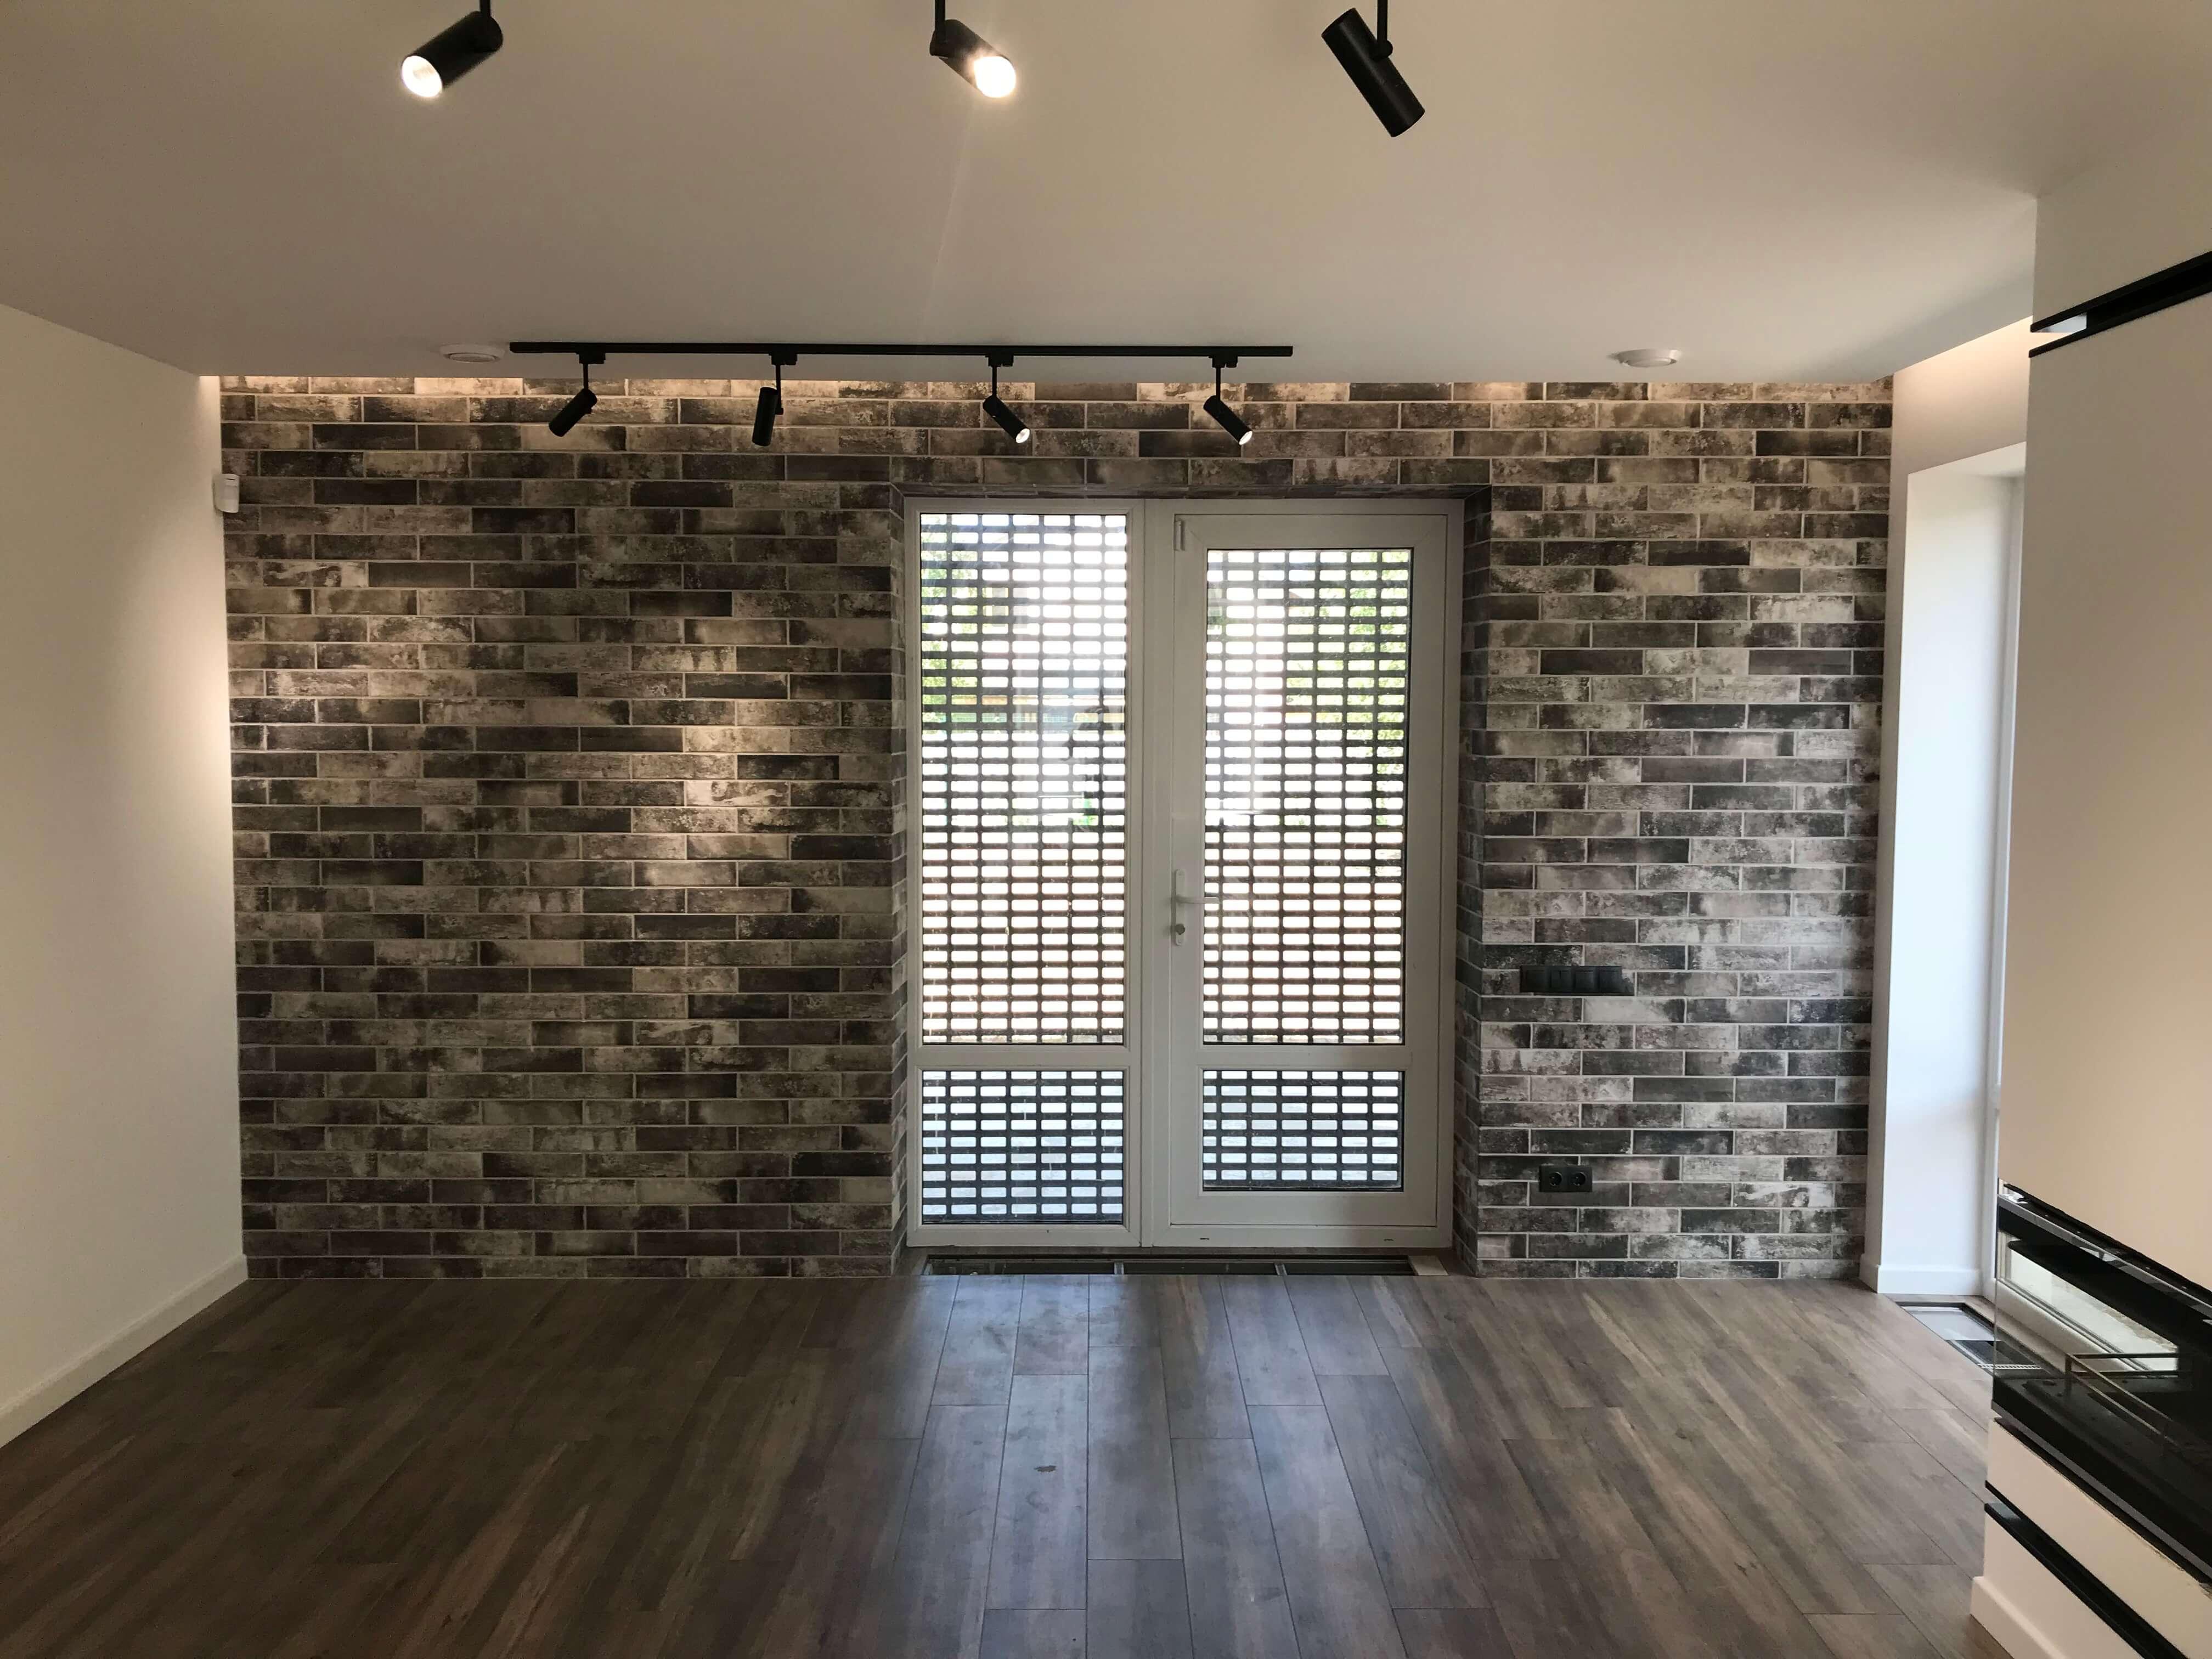 Зал в доме, декорированный кирпичом